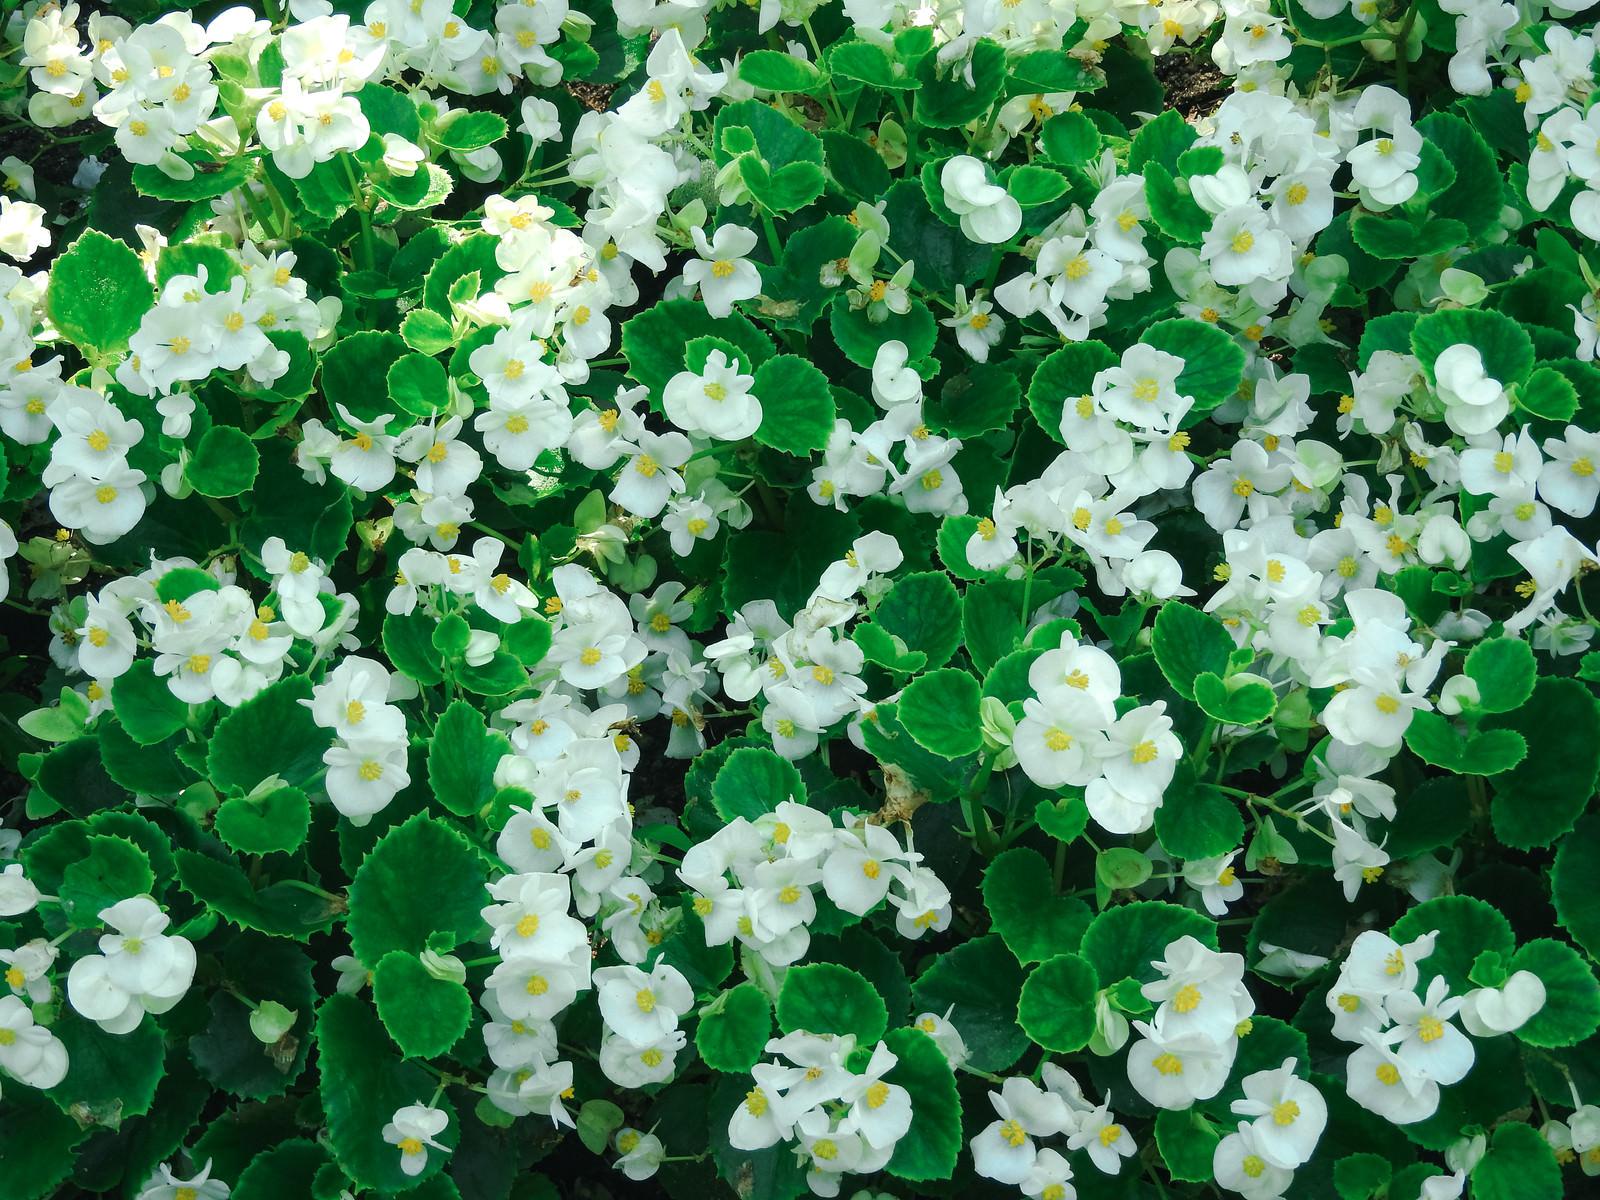 「咲き誇る白いベゴニア」の写真